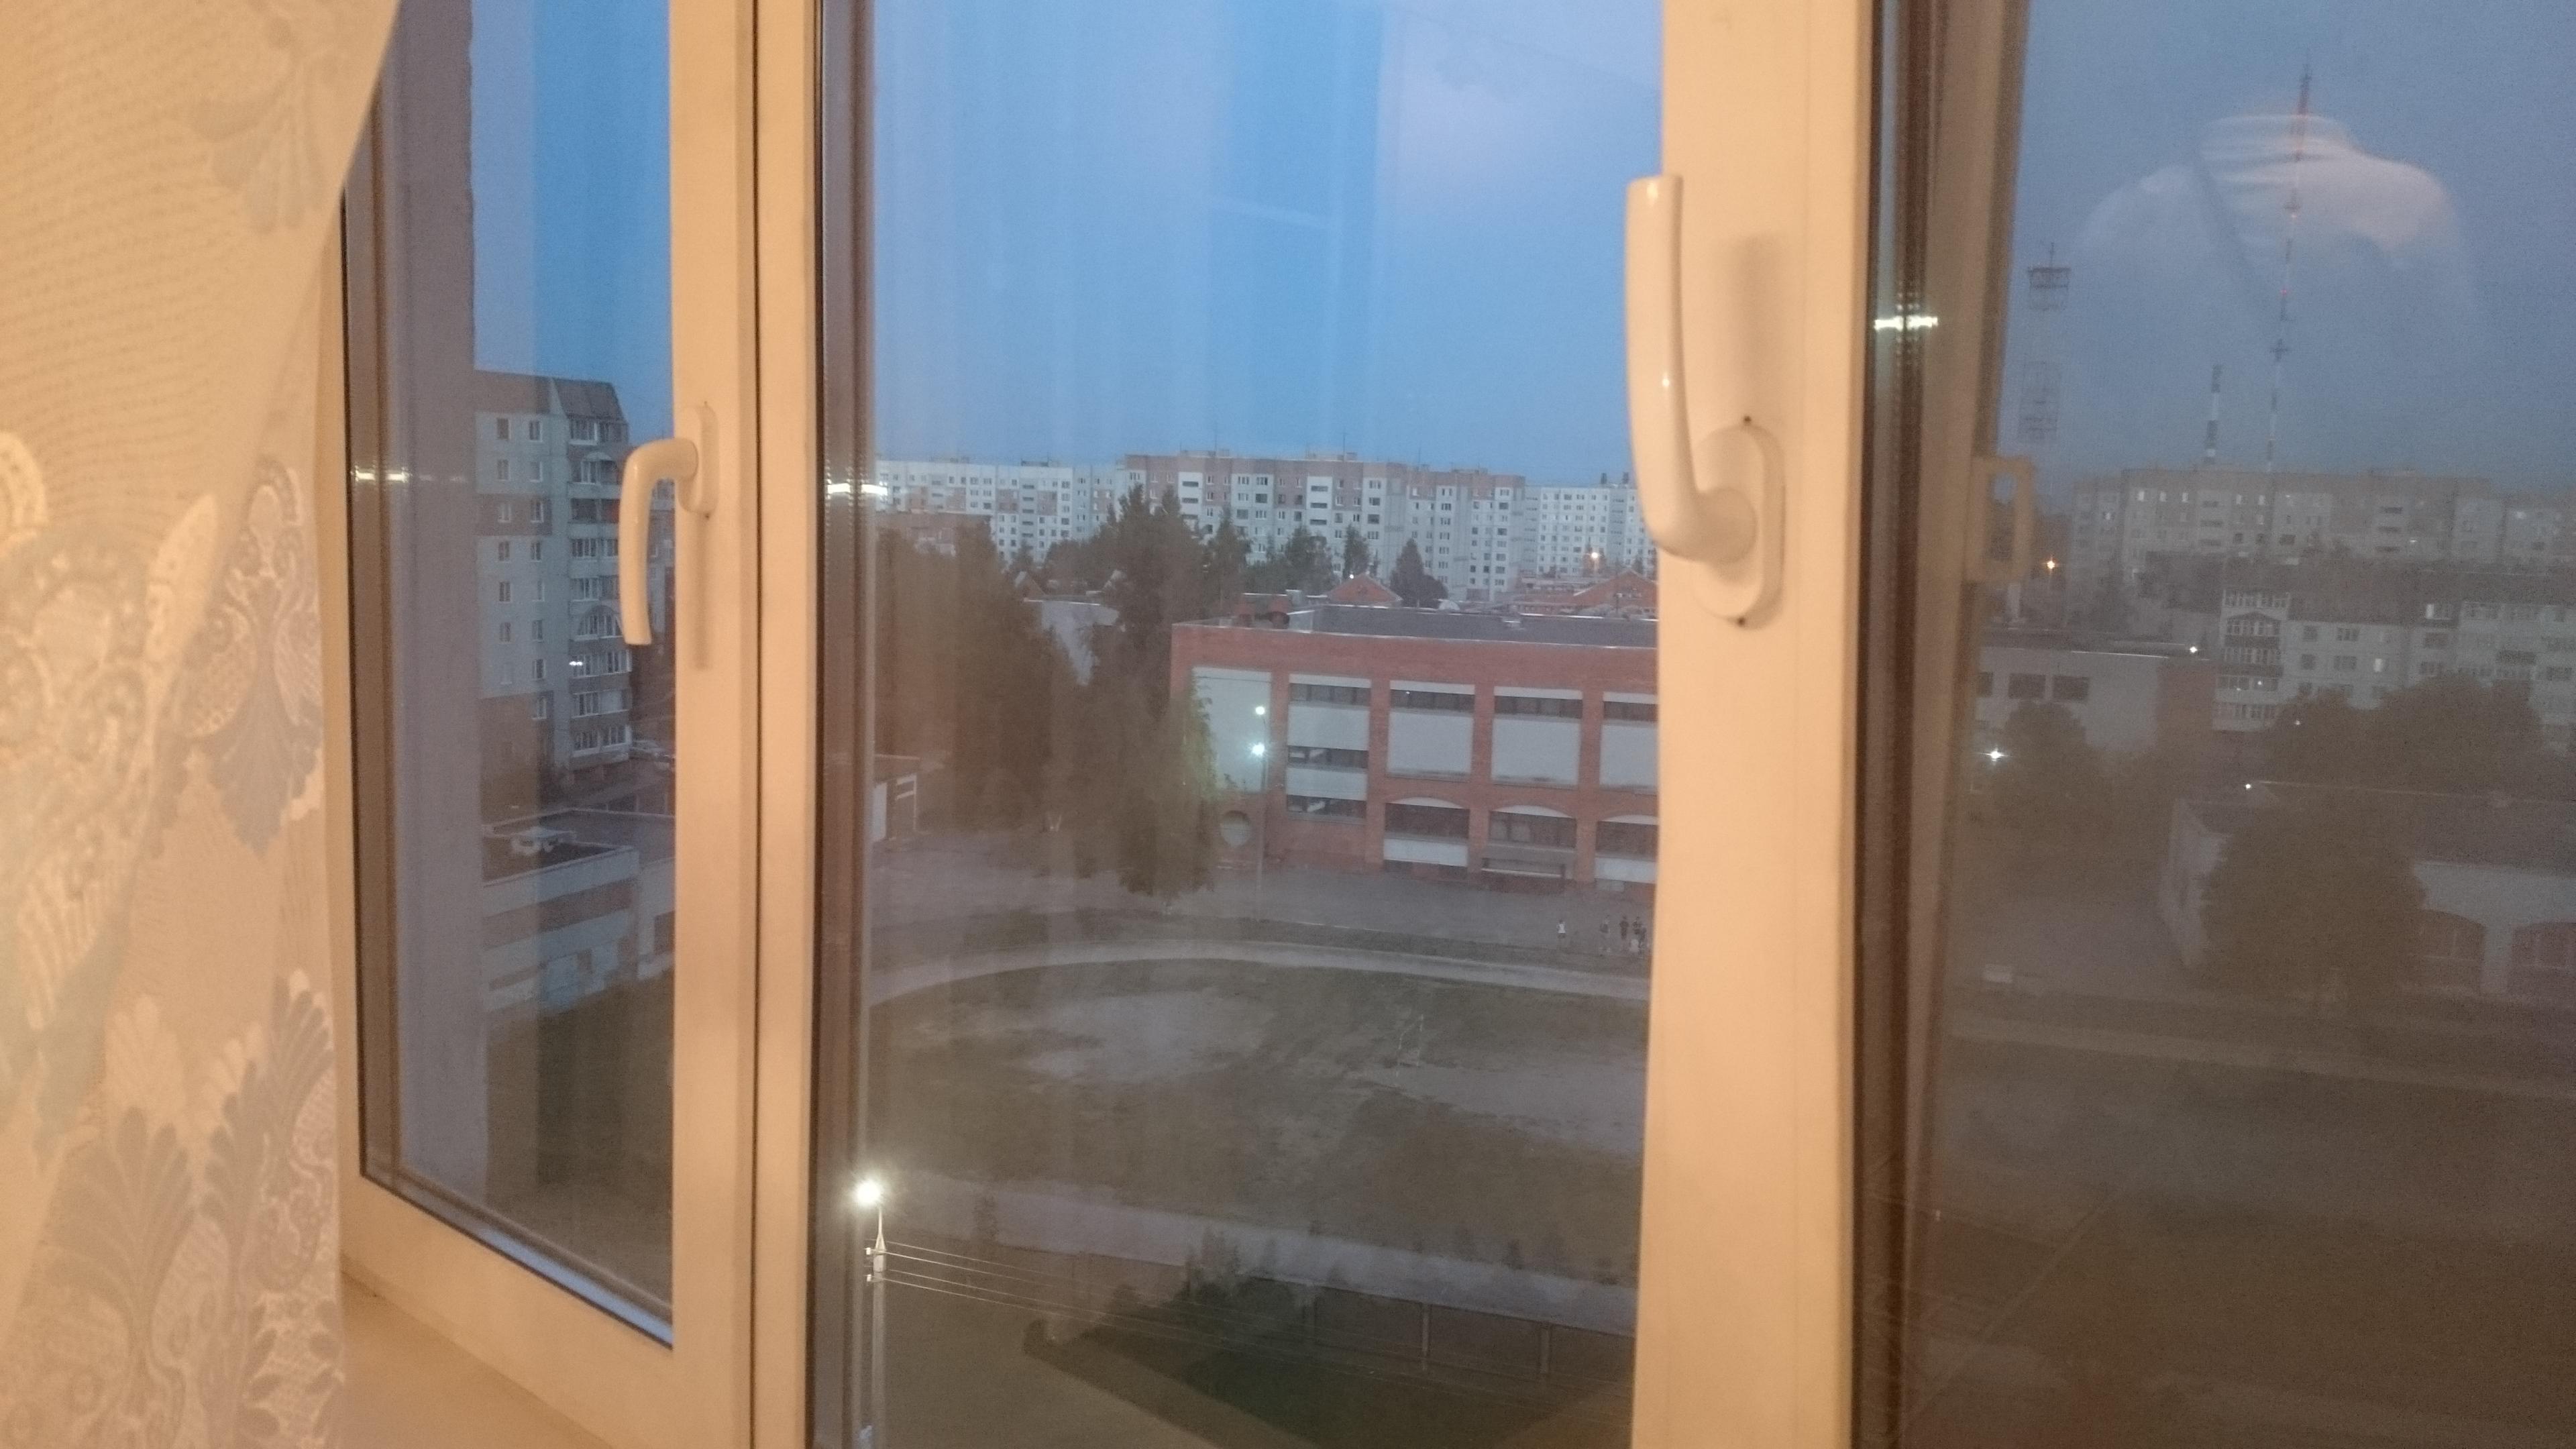 Однокомнатная квартира - ул. Байкова, д. 9